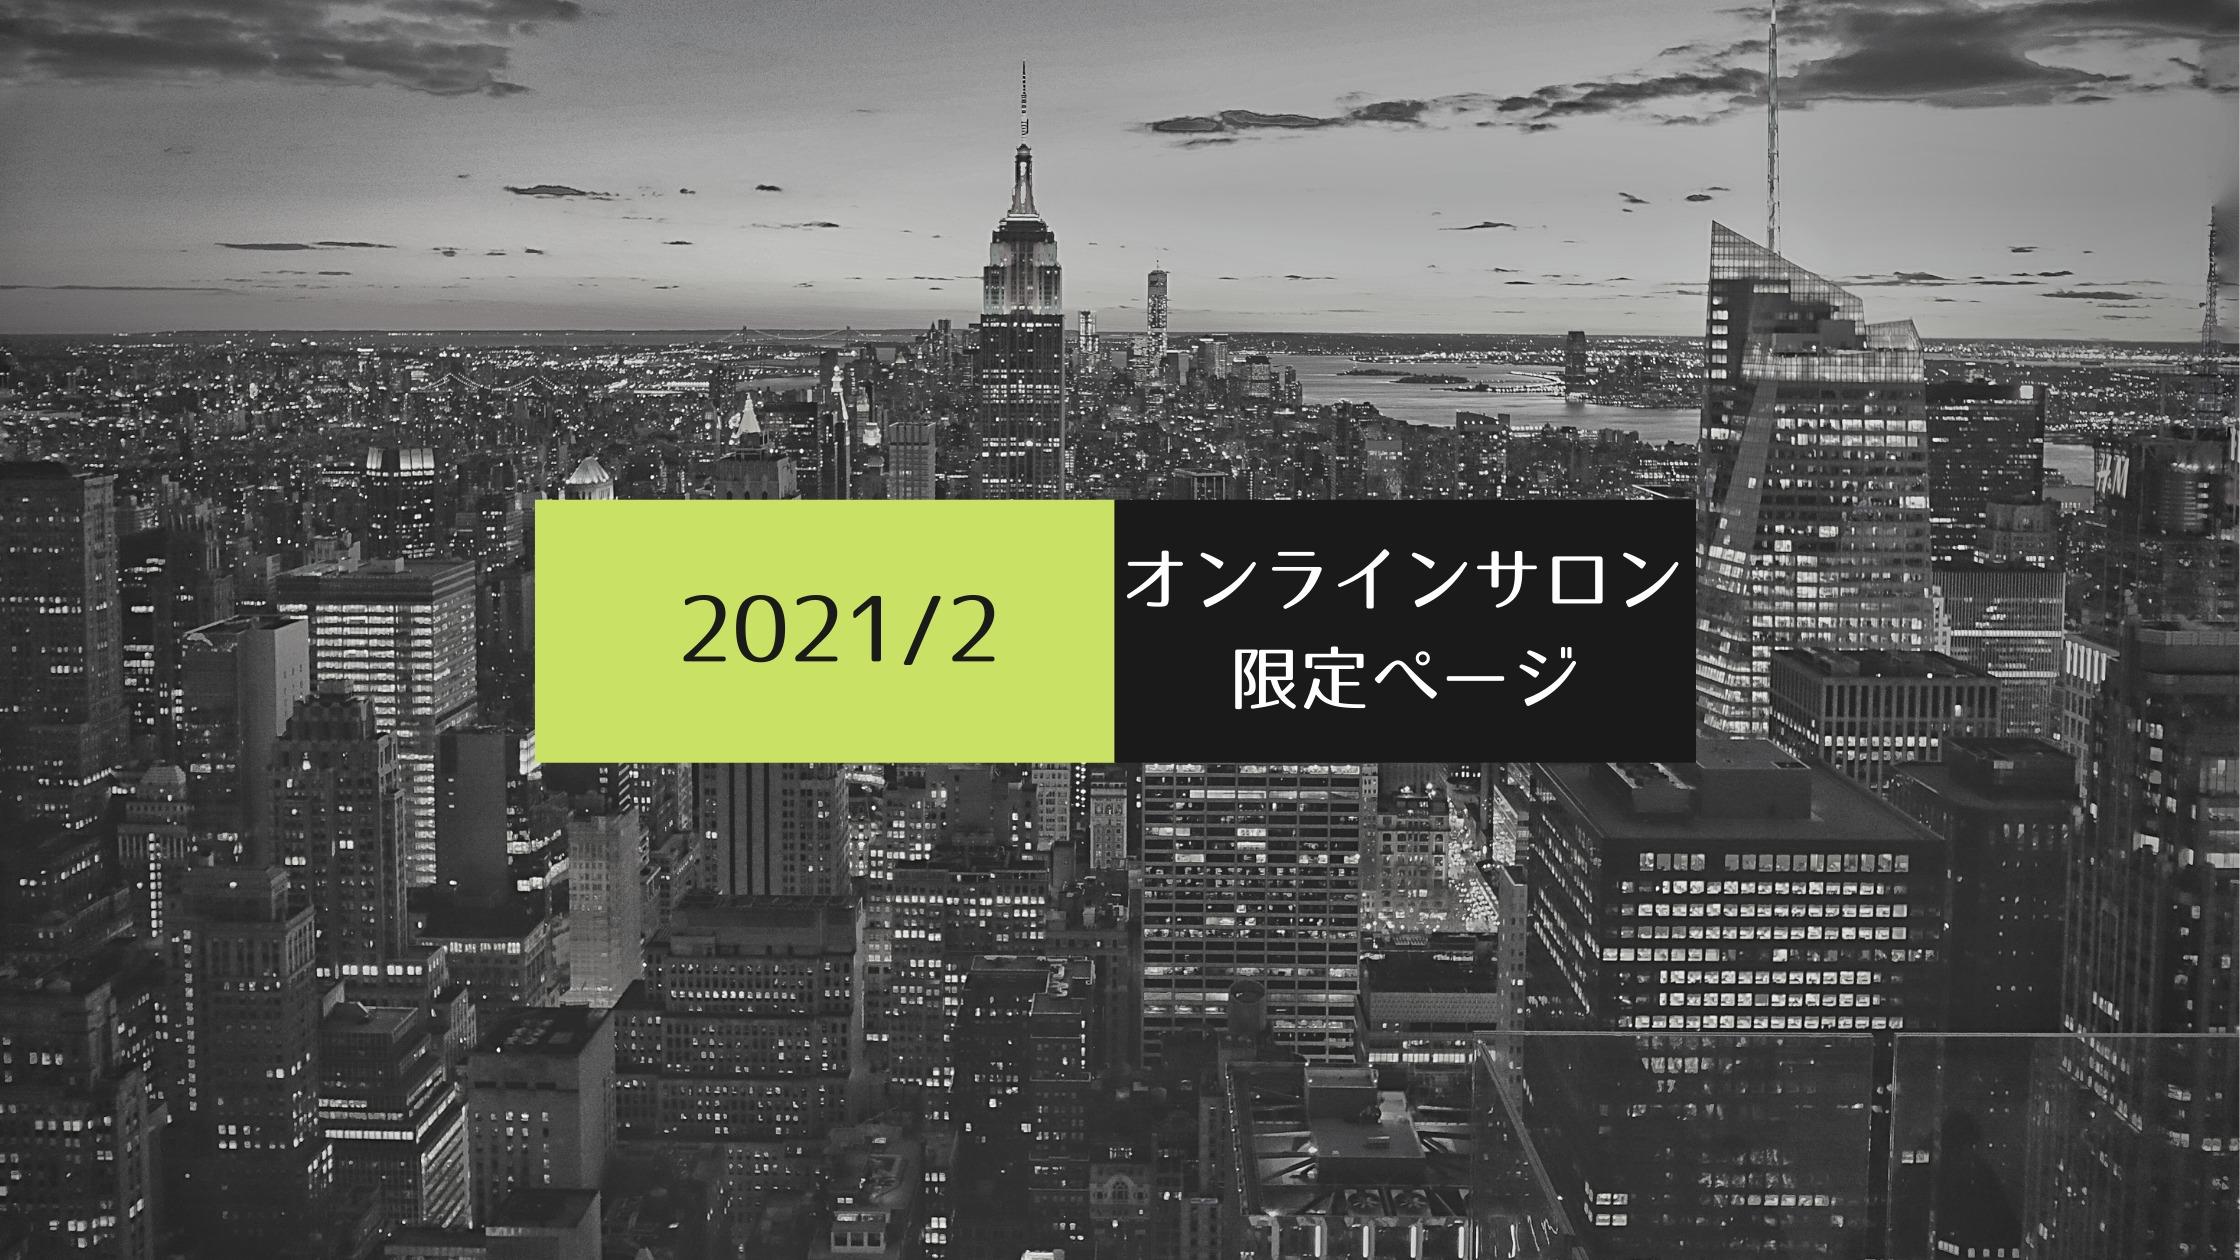 【2021年2月】転職キャリアサロン限定コンテンツ